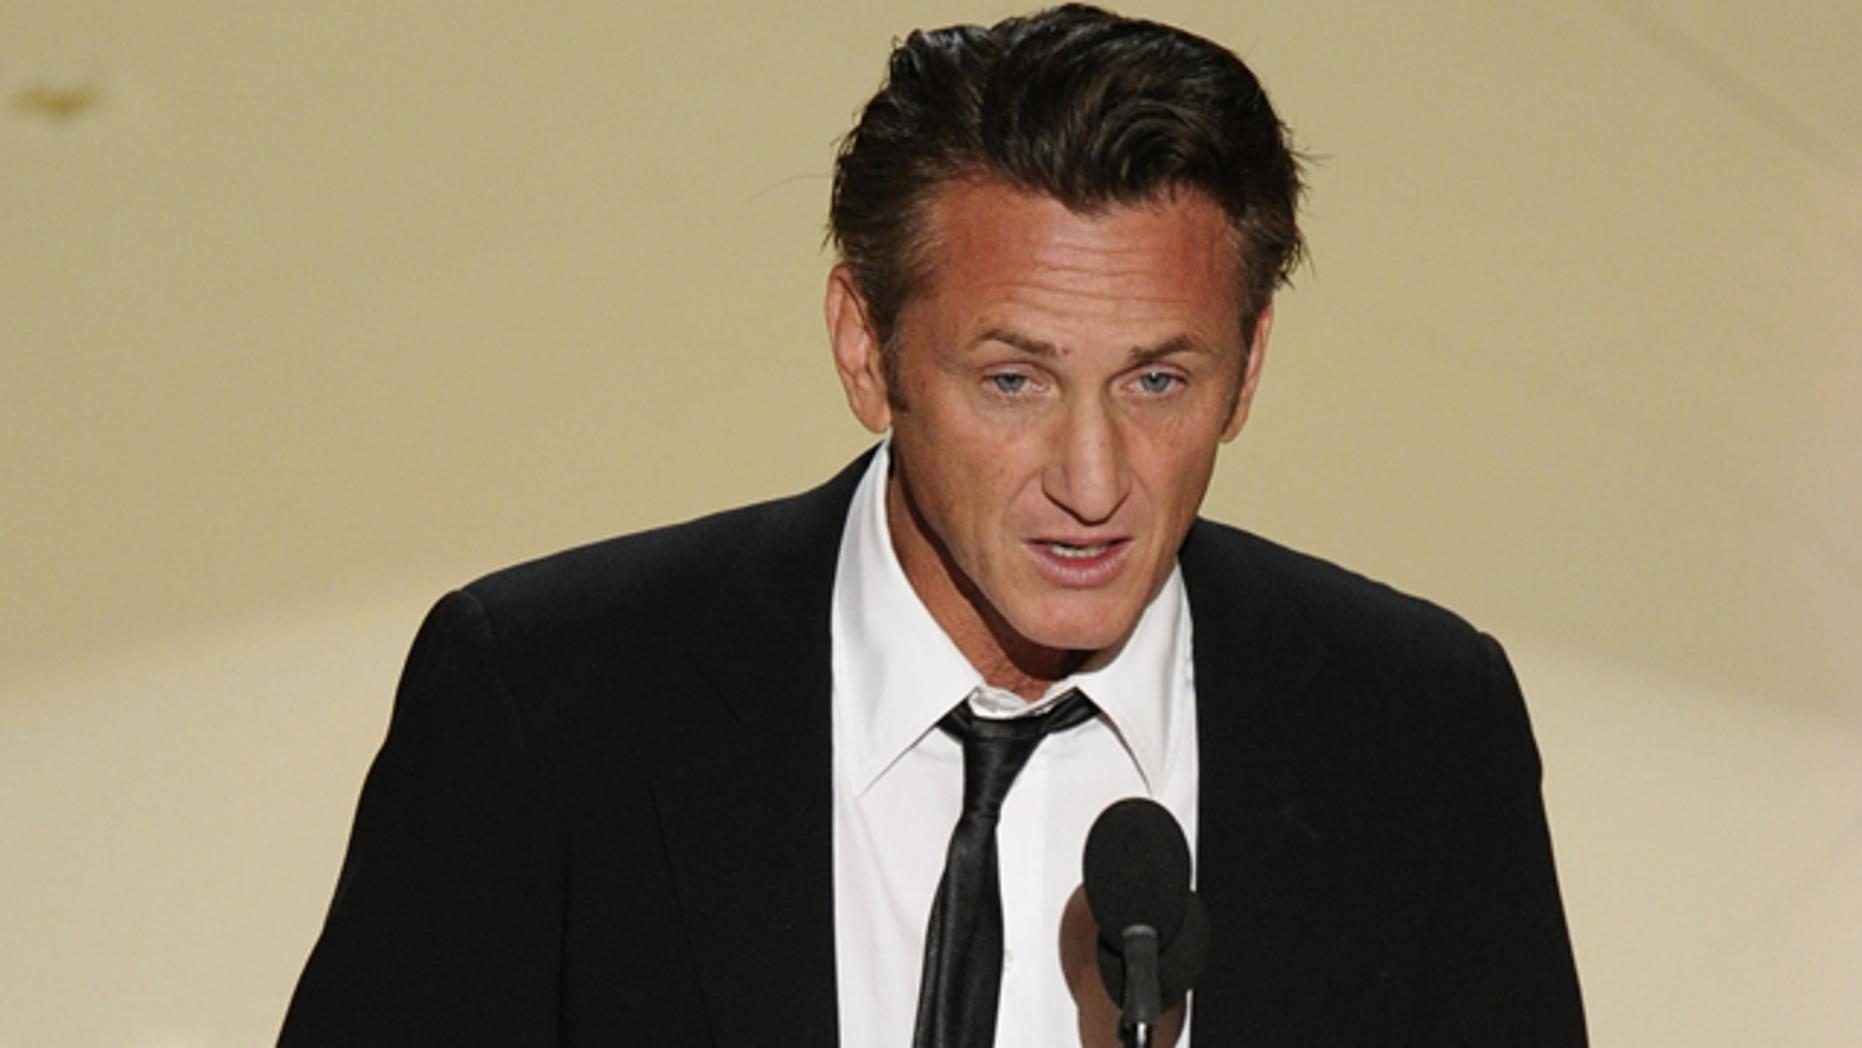 Sean Penn. (AP)